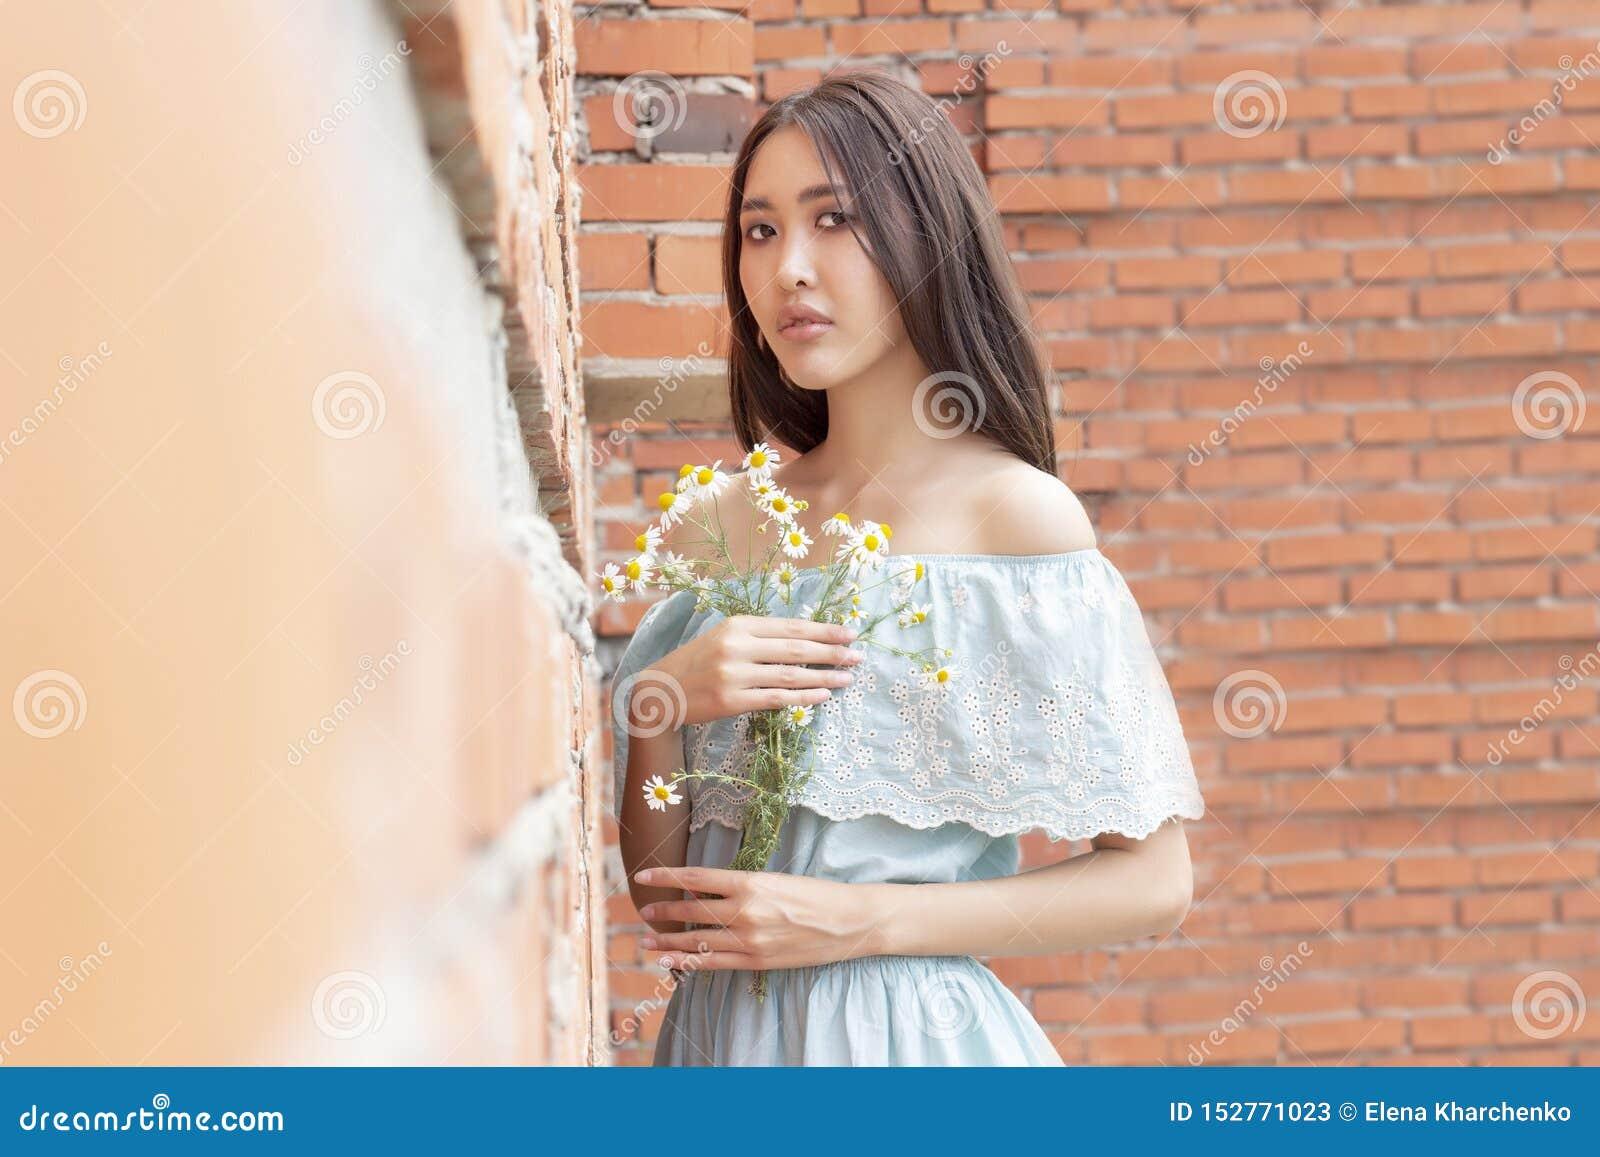 Aziatisch-kijkend meisje met een boeket van kamille in haar handen die zich tegen rode bakstenen muur bevinden